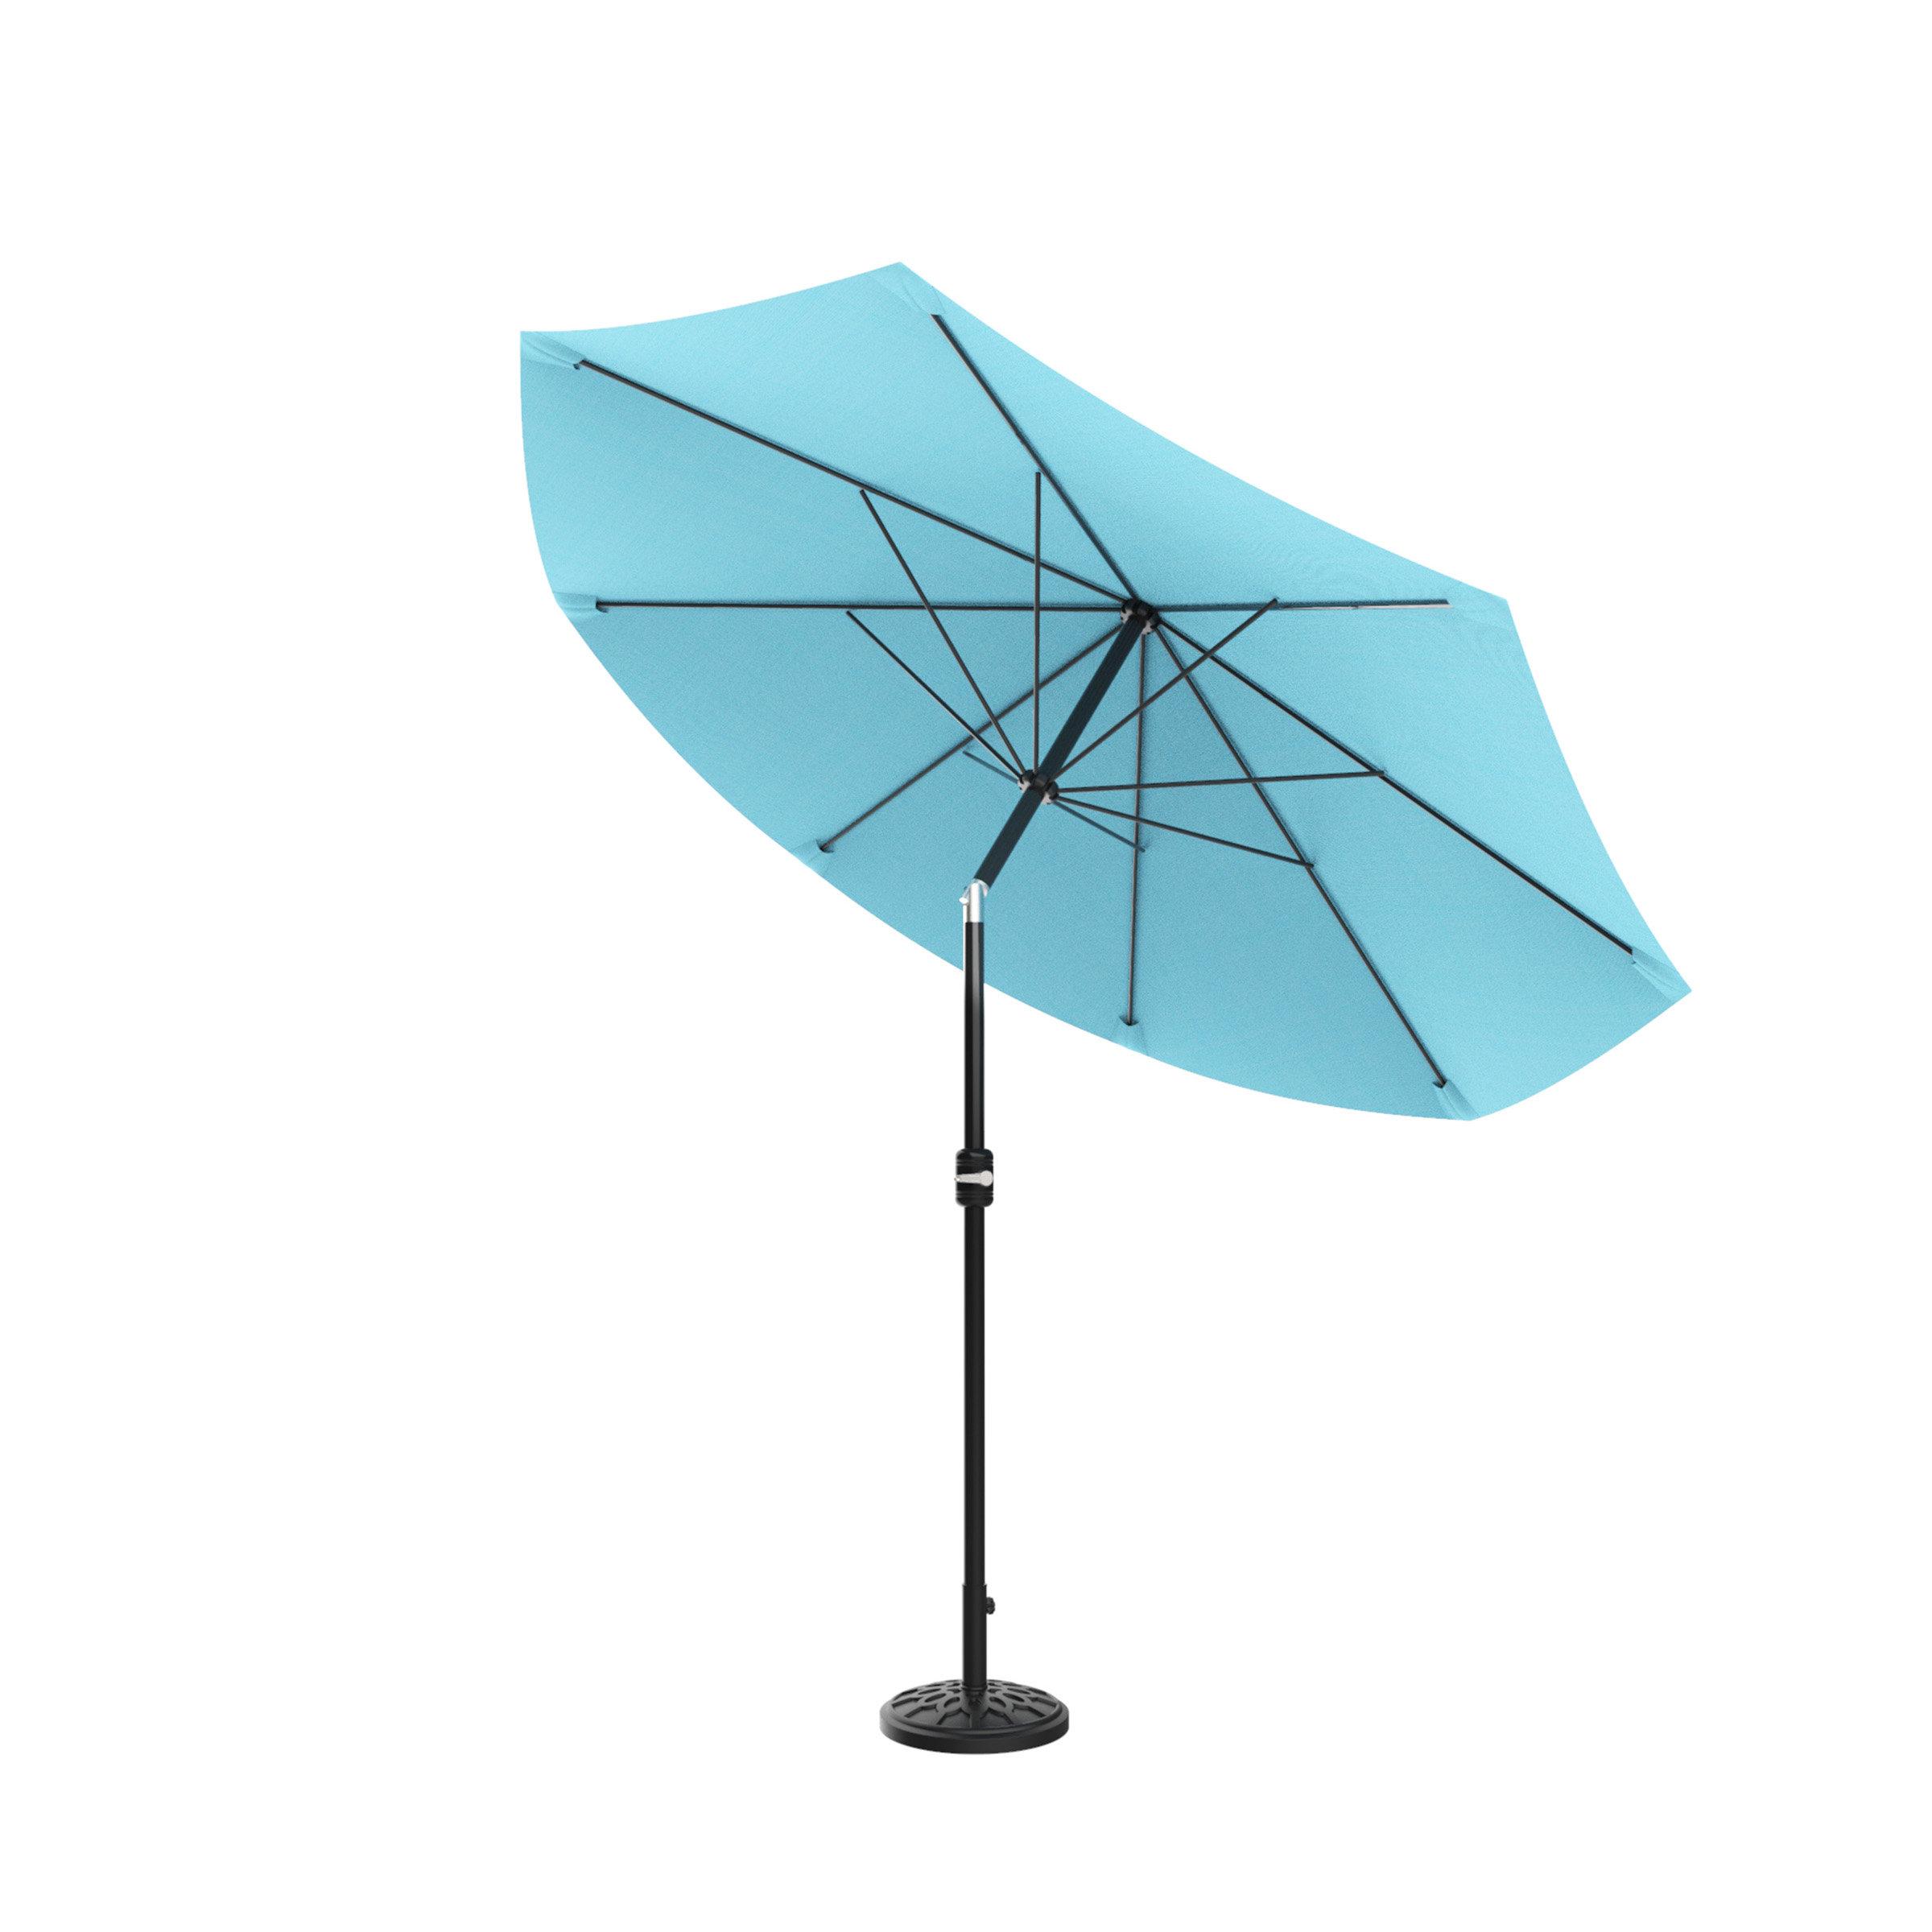 Fashionable Kelton 10' Market Umbrella With Kelton Market Umbrellas (View 4 of 20)